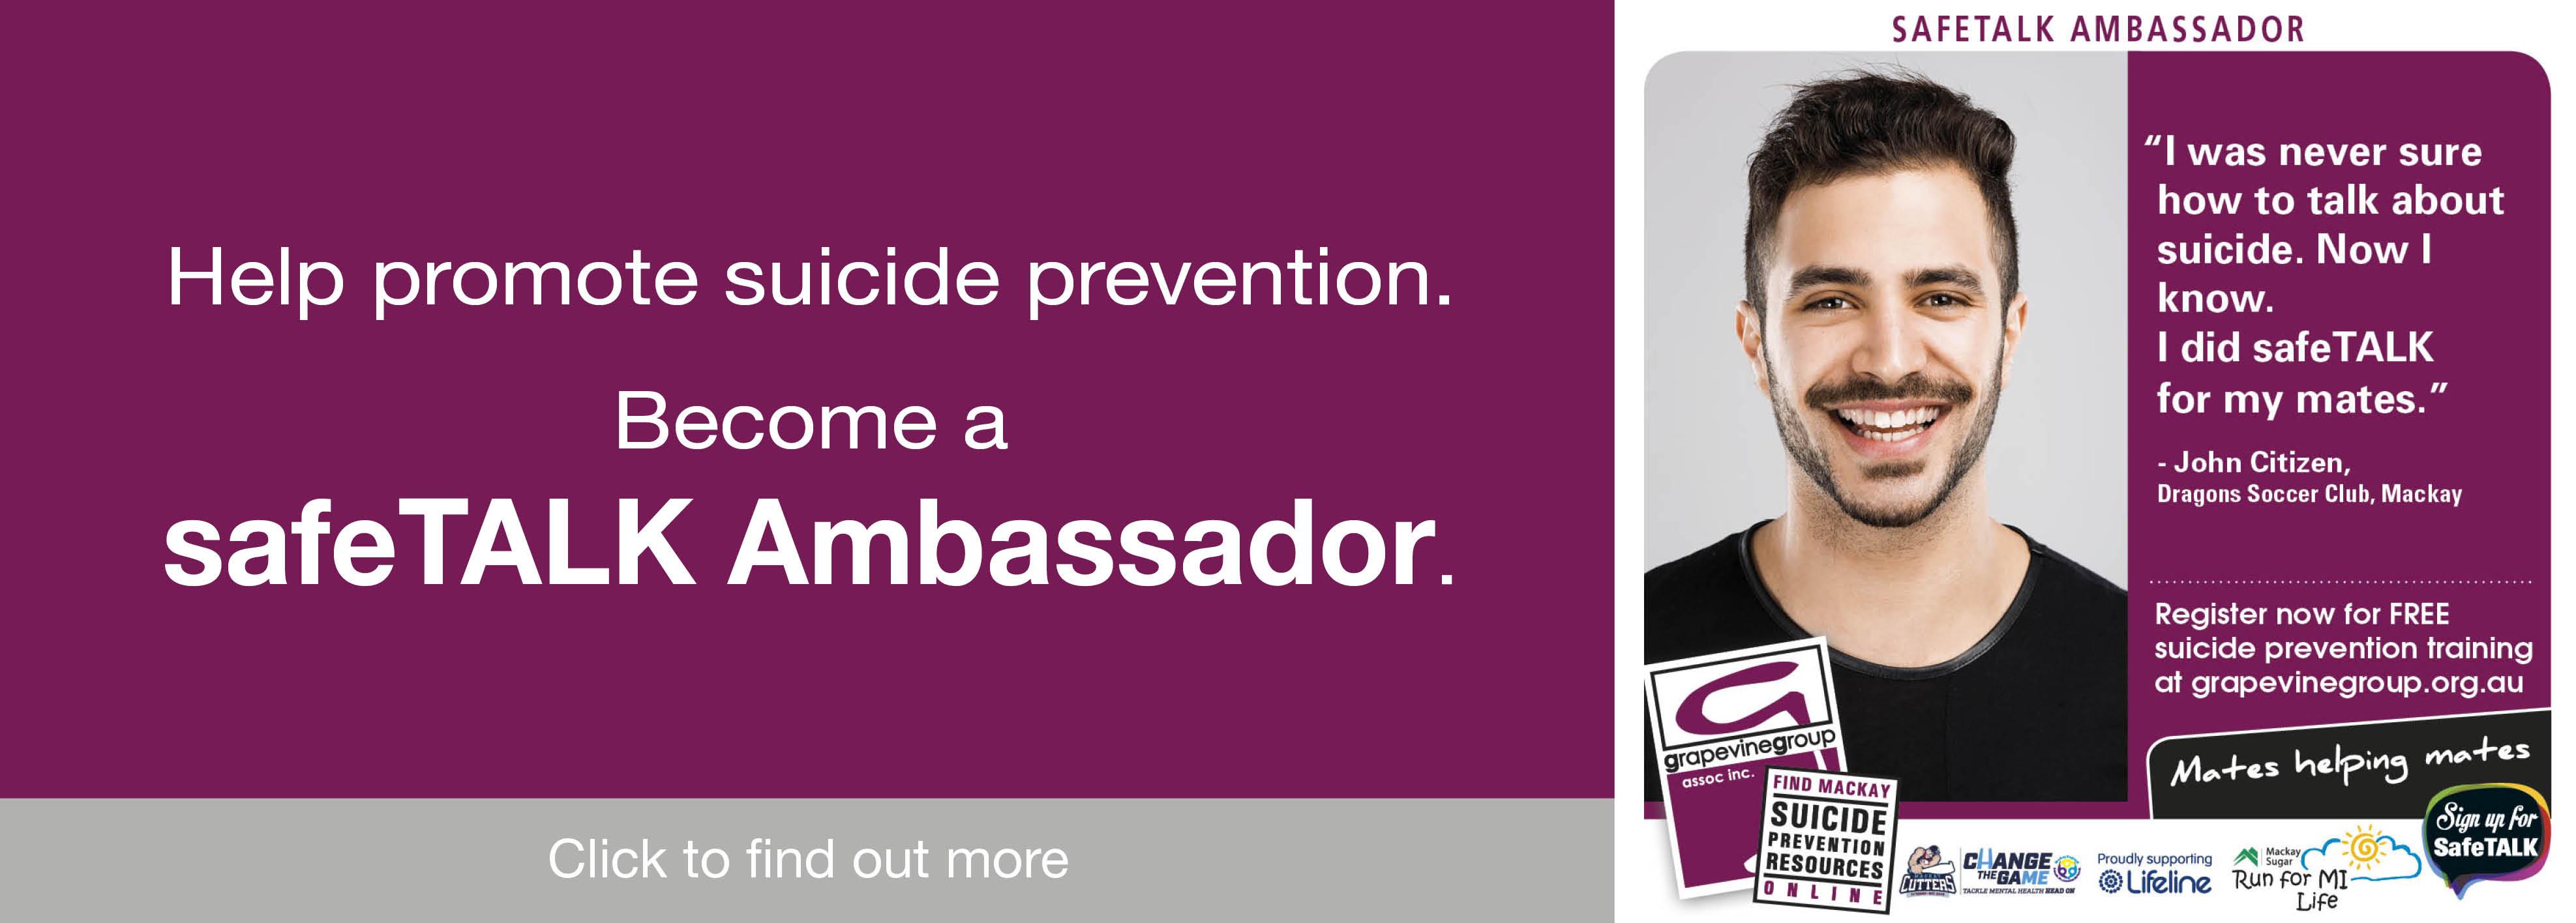 Grapevine-home-page-slide-safetalk-ambassasdor-PR130617